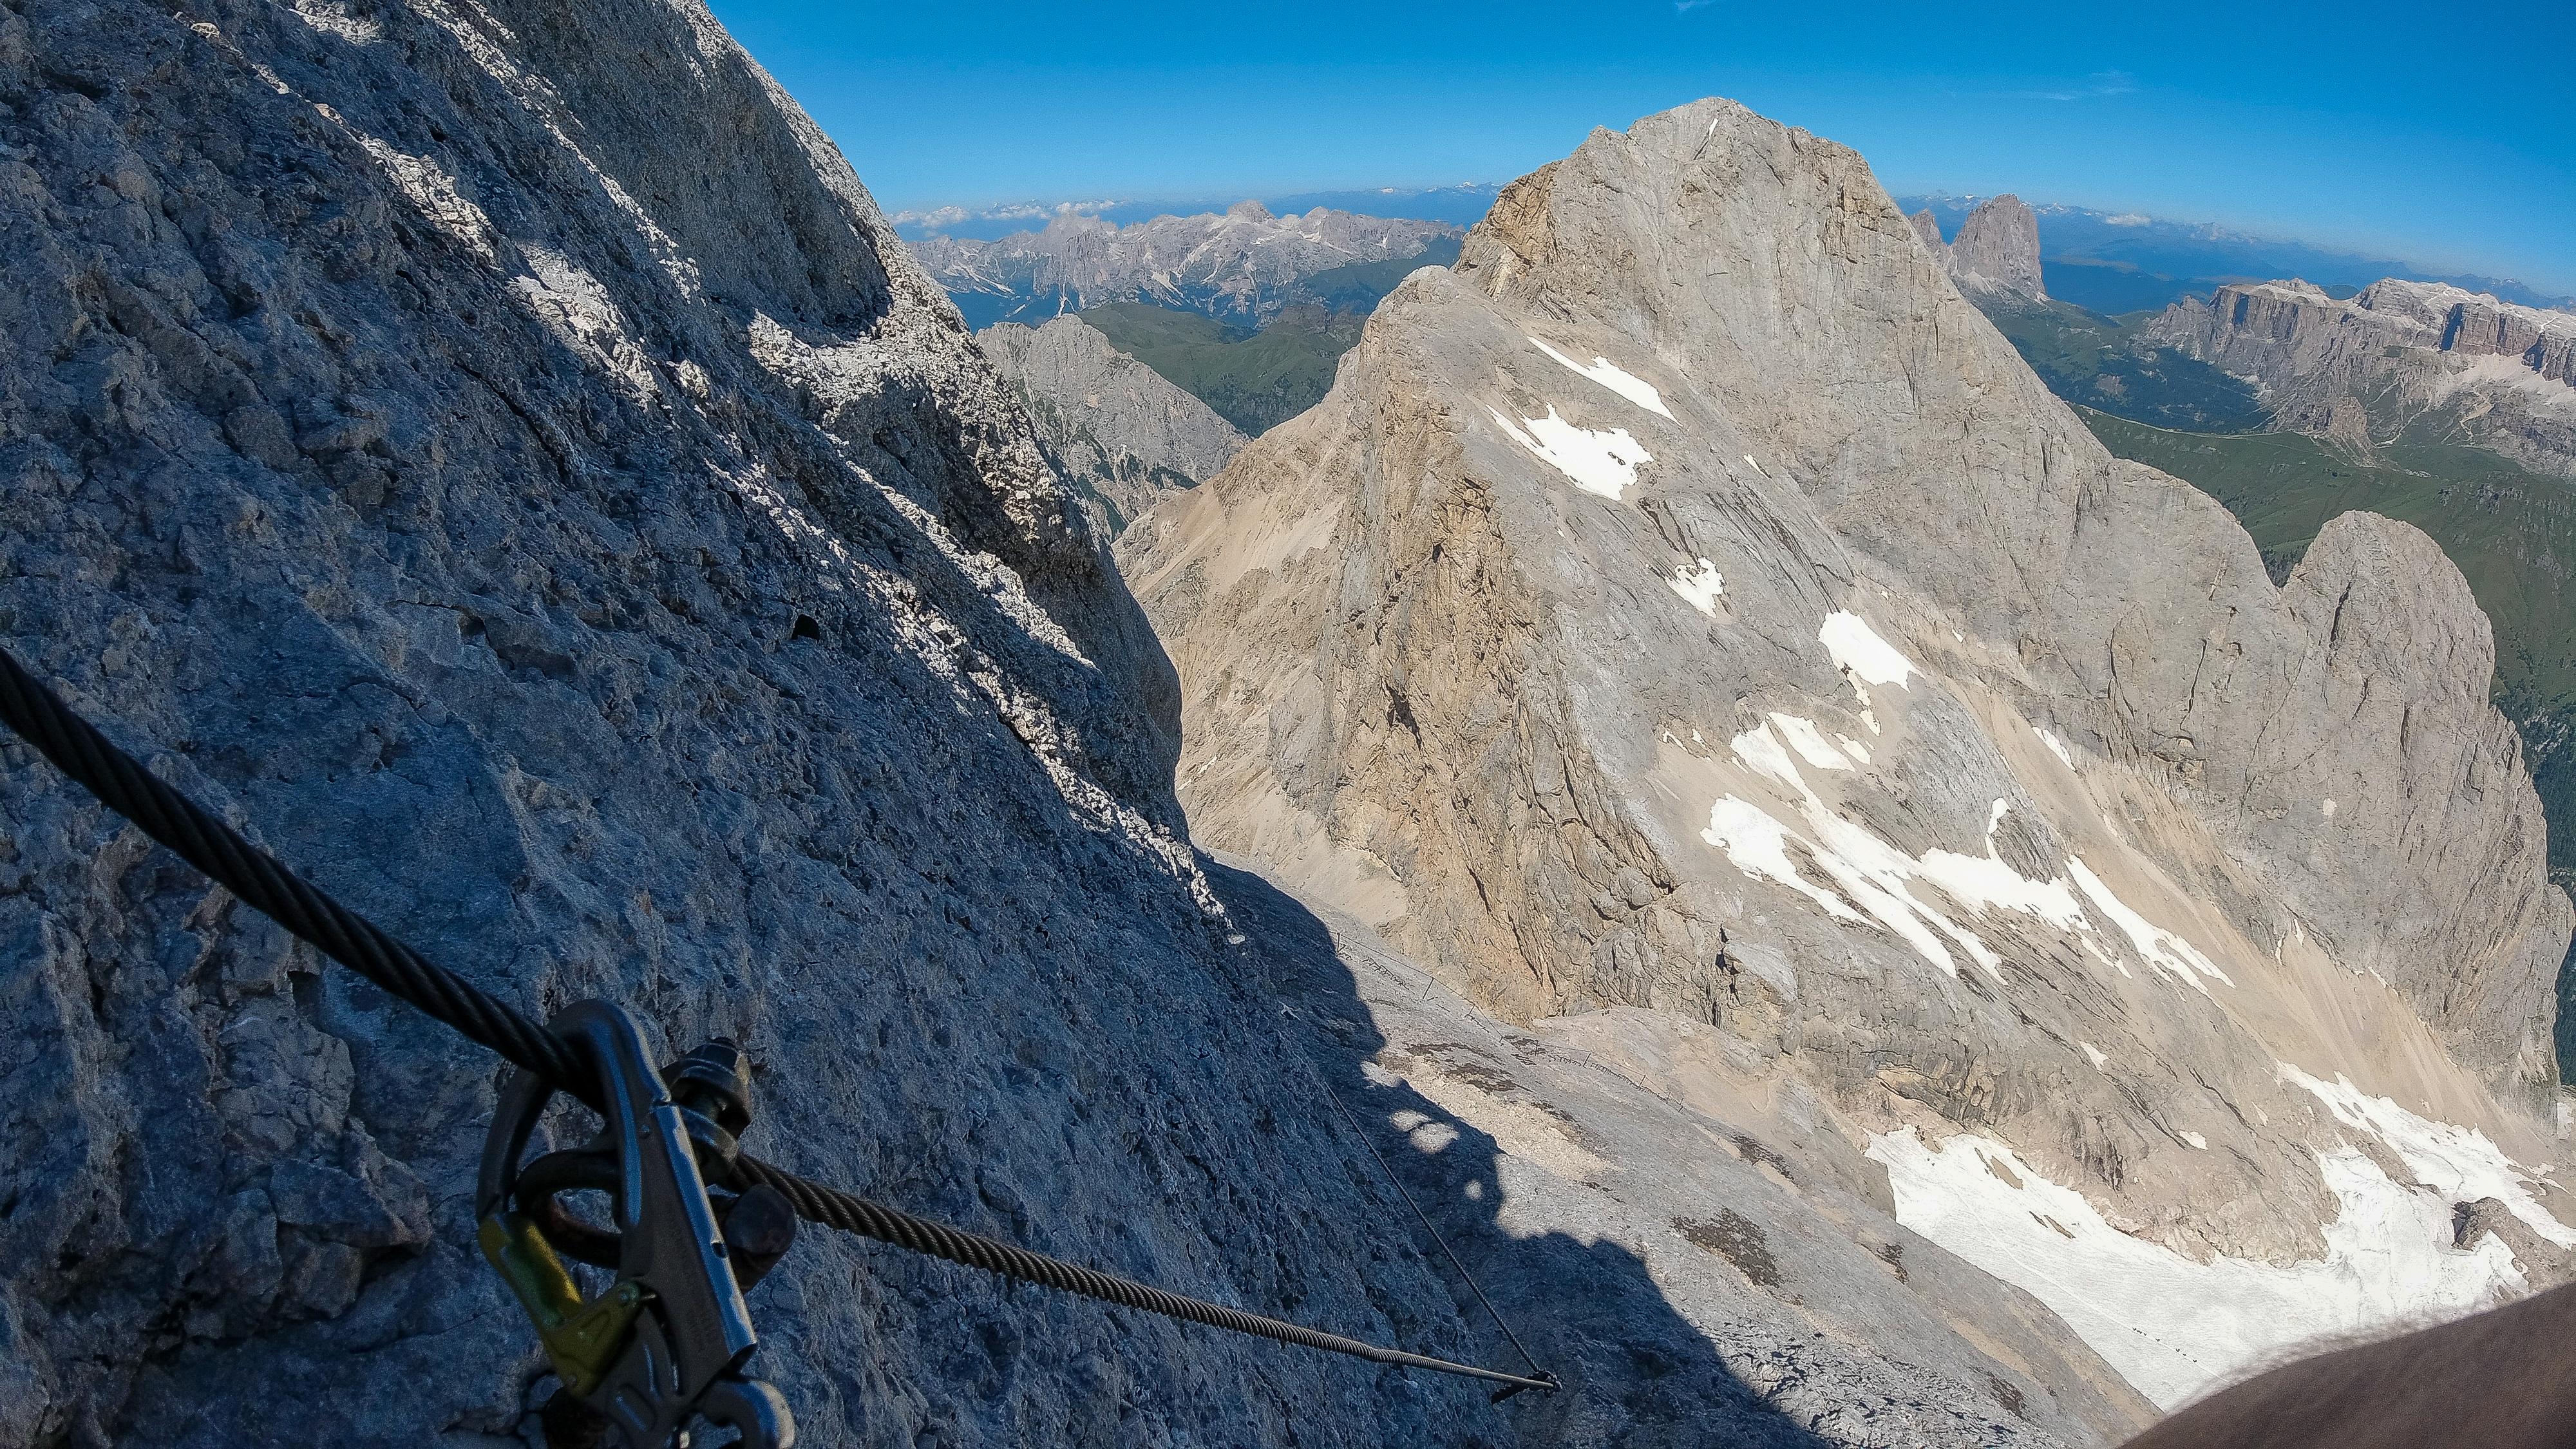 Via Ferrataruten opp vestryggen til Marmolada og Punta Penia (3.343 moh).